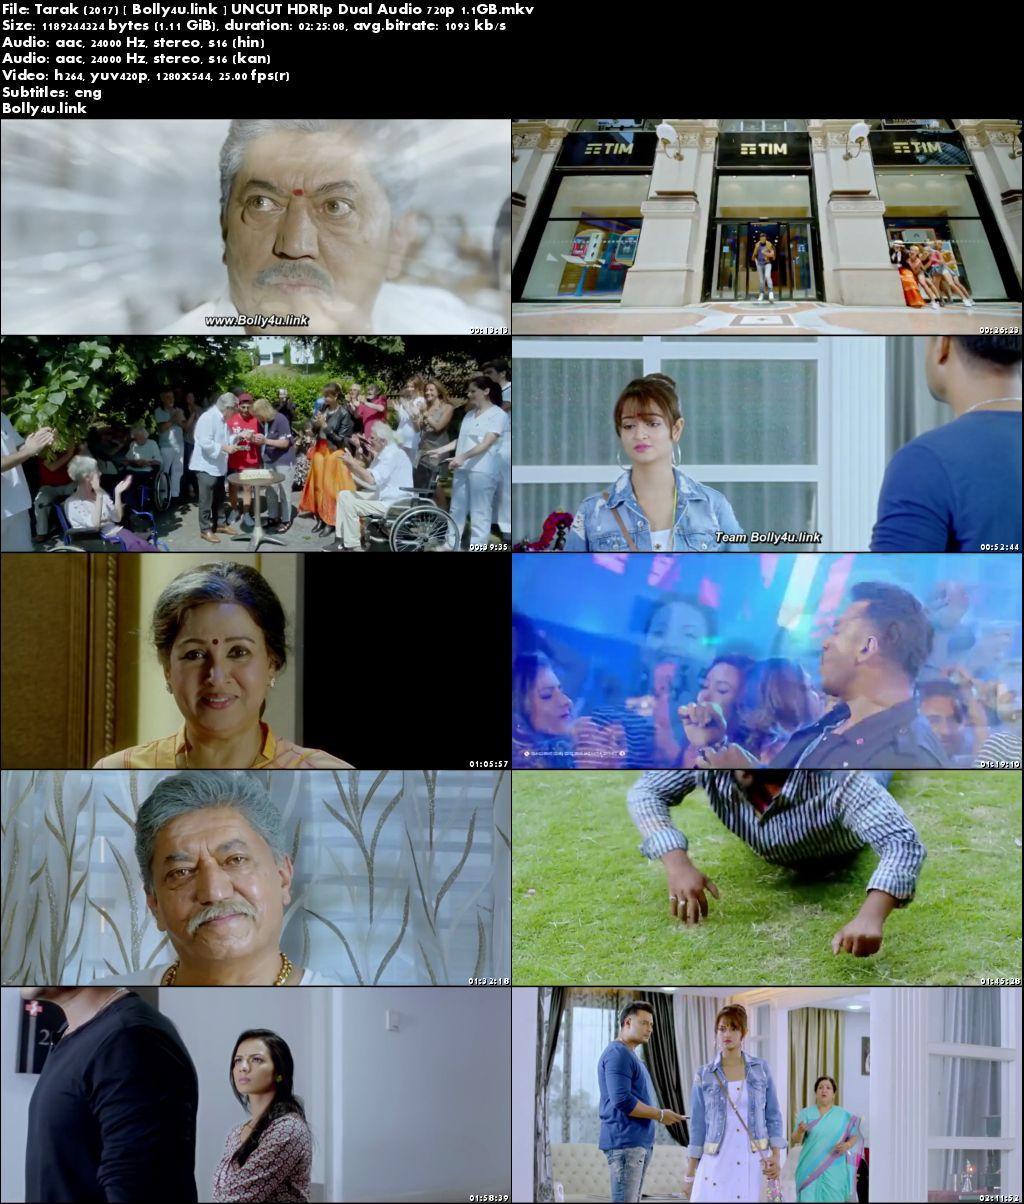 Tarak 2017 HDRip 720p UNCUT Hindi Dual Audio ESub Download